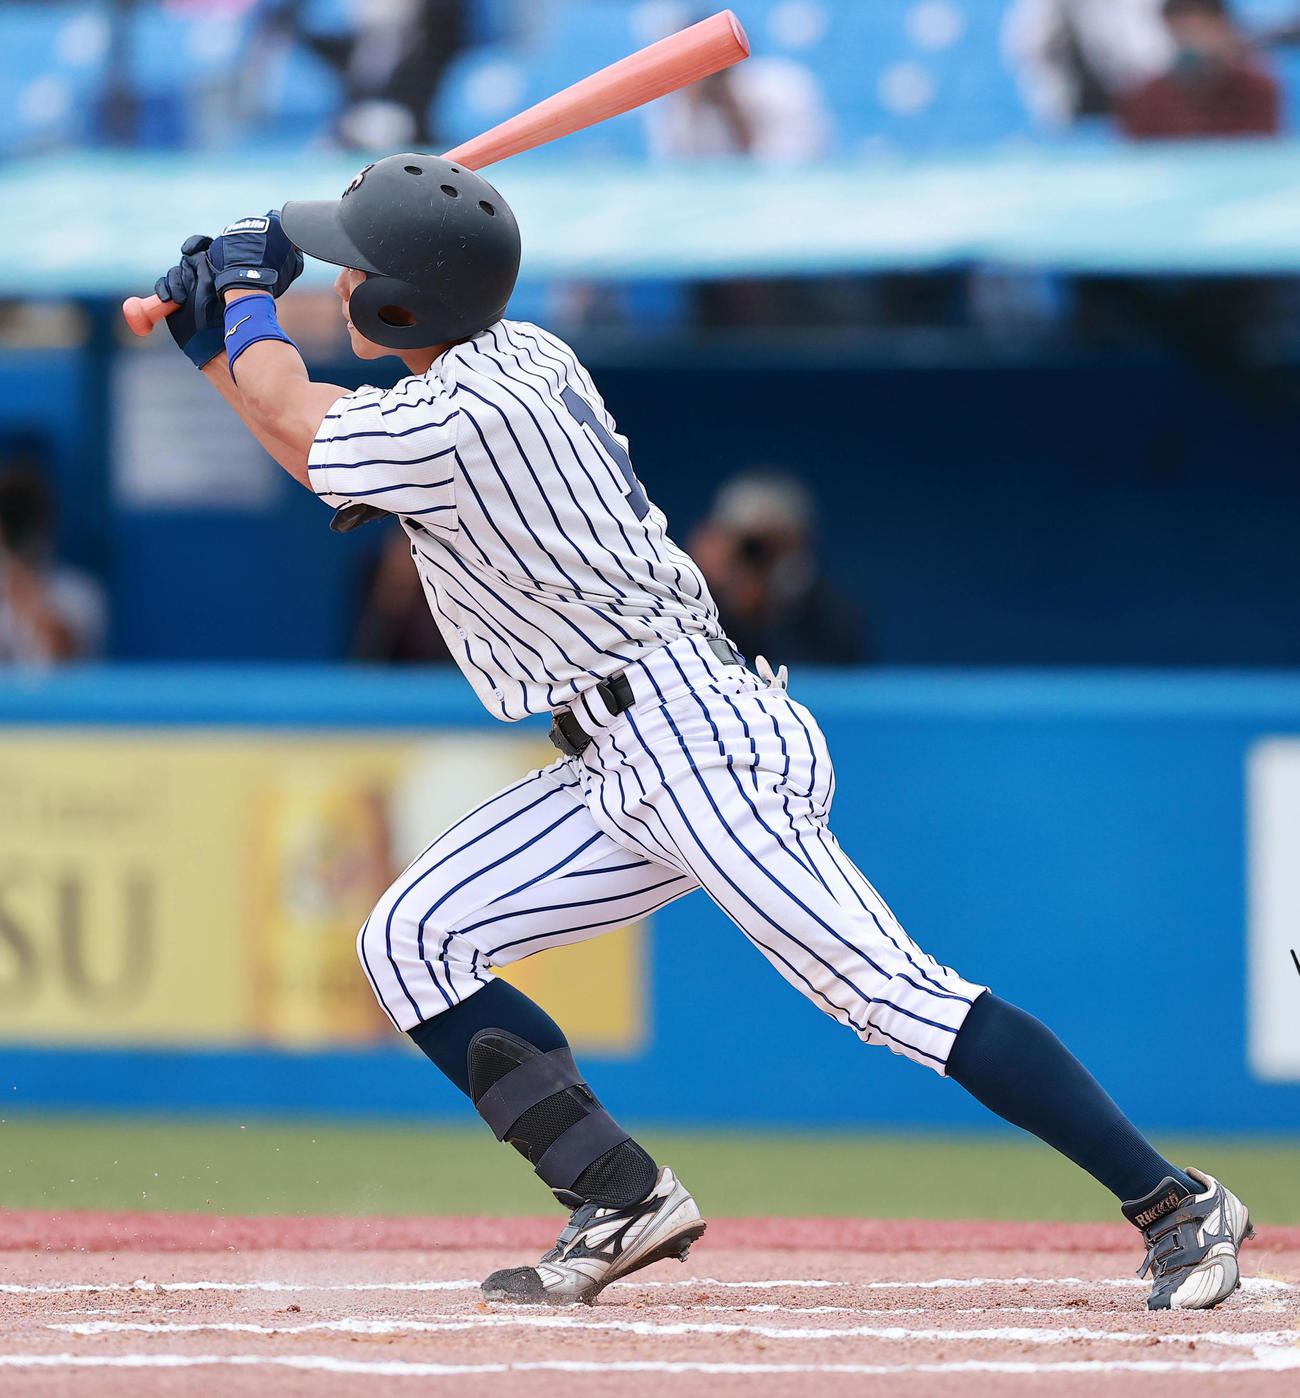 立大対東大 6回表立大無死一塁、右越え2点本塁打を放つ道原(撮影・野上伸悟)